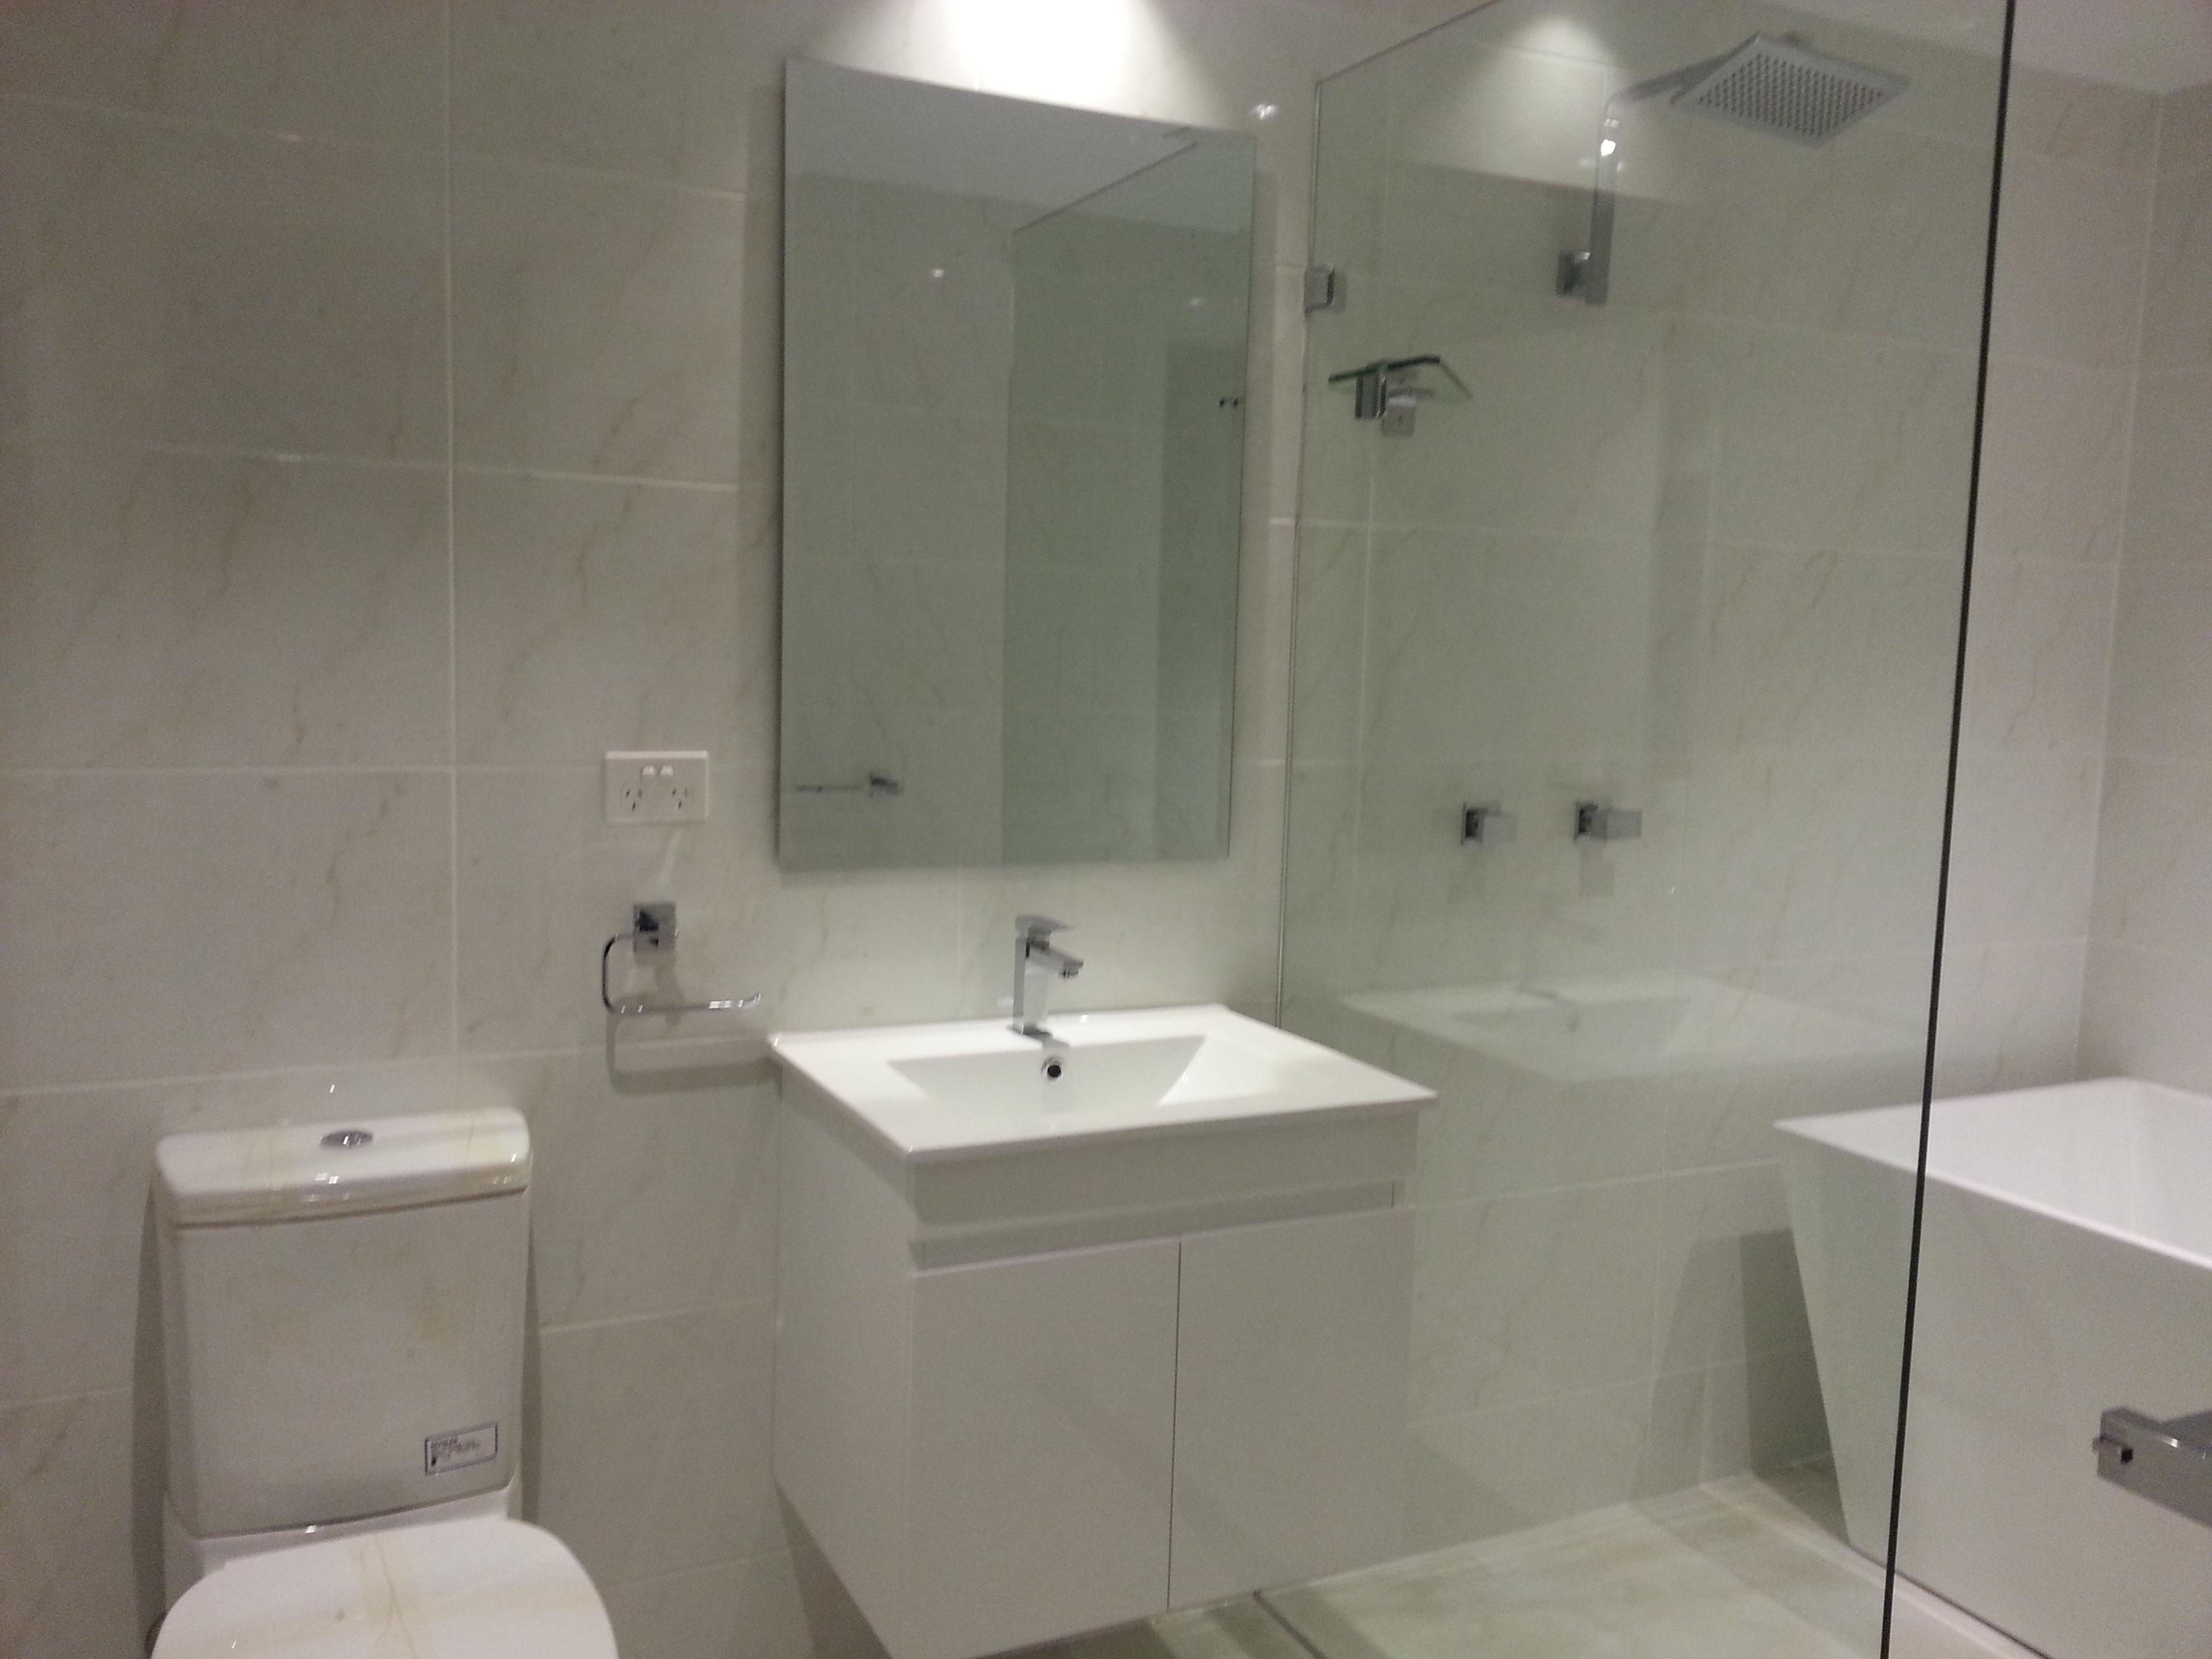 Bathroom remodeling tips the best sydney renovator for Bathroom remodel for 4000